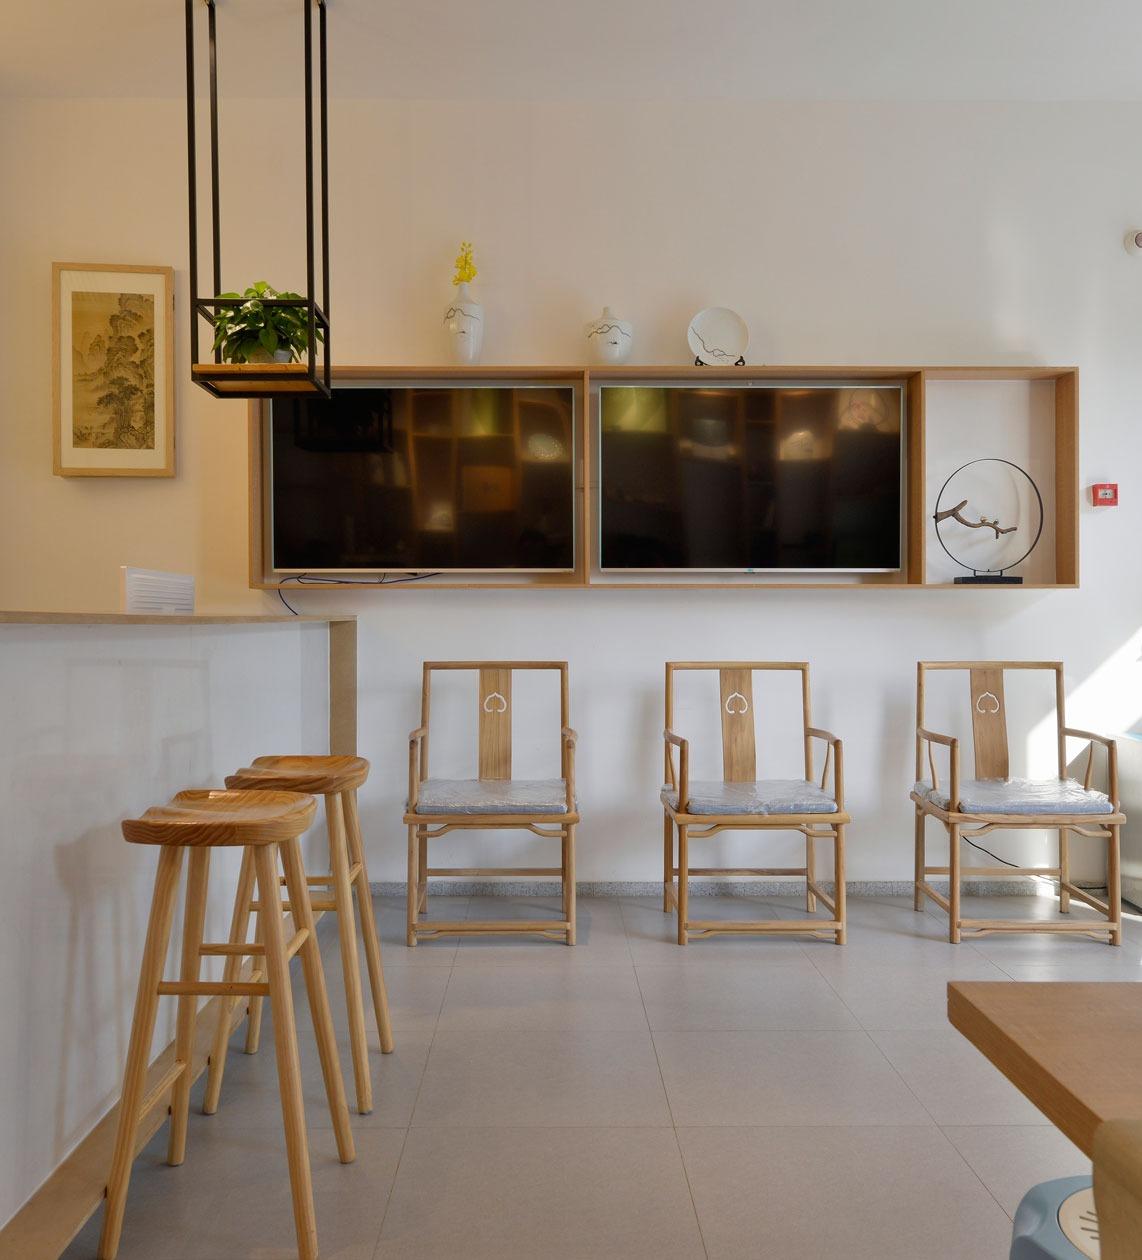 美容养身艾灸馆健康体验会所中心芳疗场馆设计空间设计装修装饰